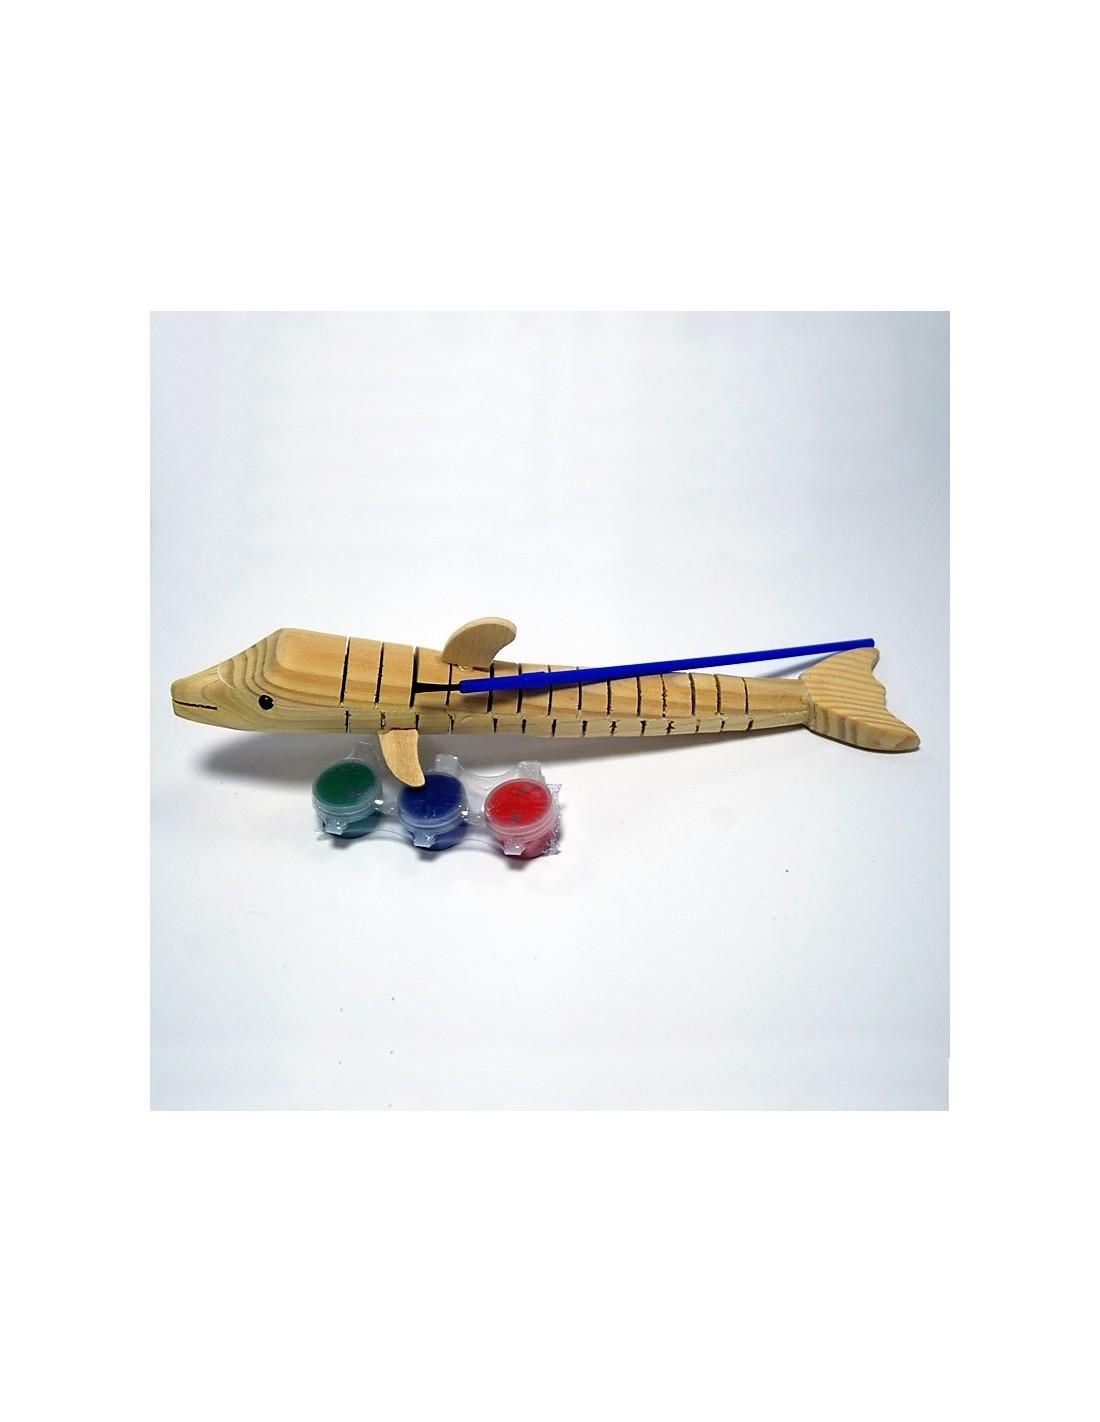 Раскраска деревянная Конек /Дельфин